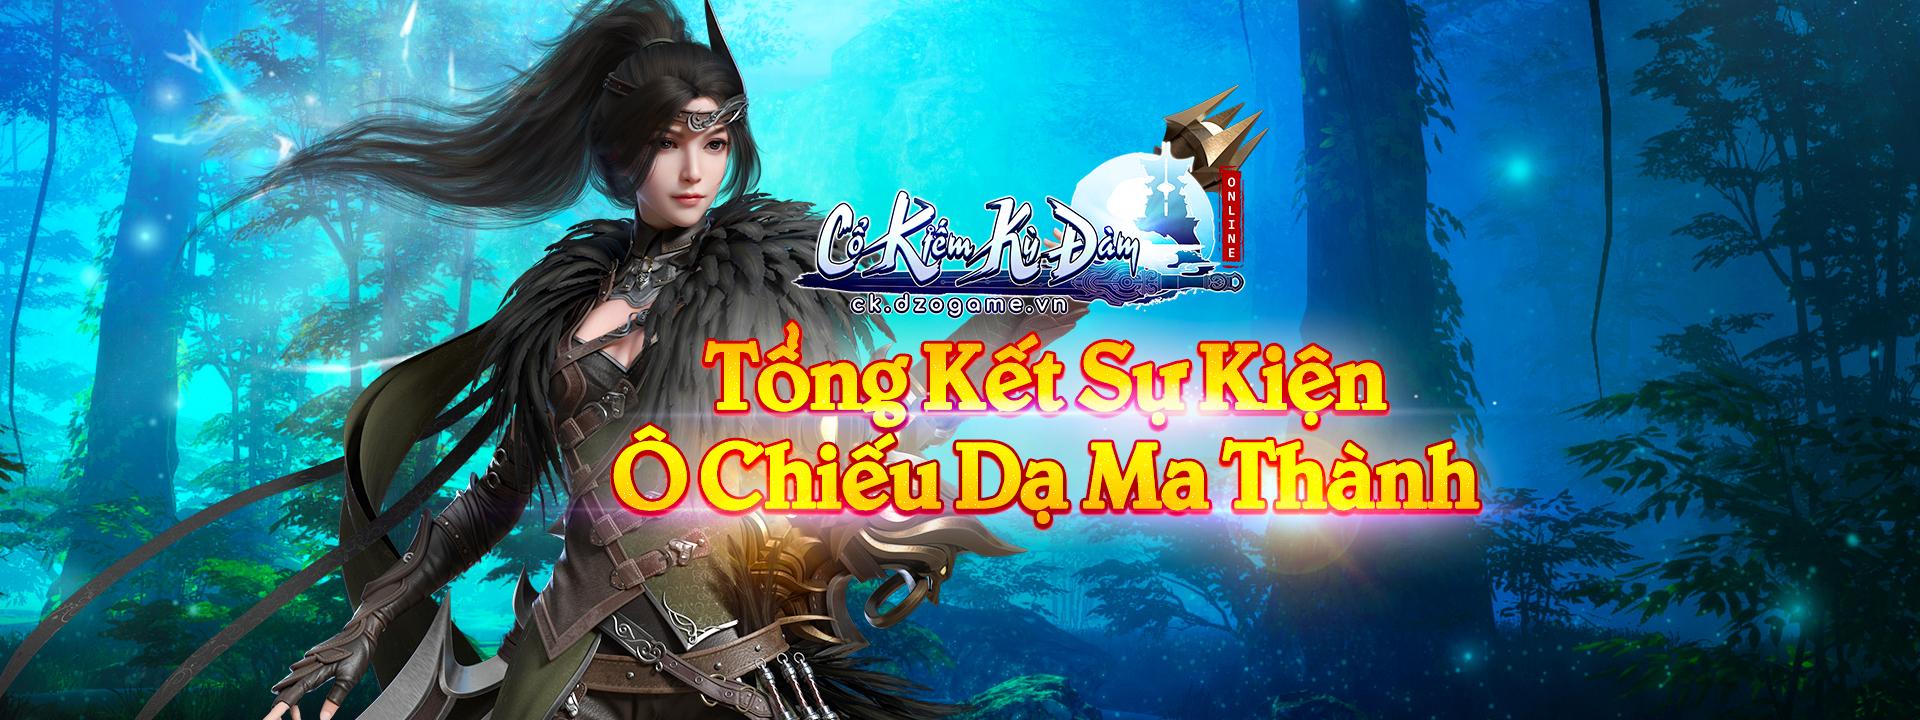 banner top TỔNG KẾT SỰ KIỆN Ô CHIẾU DẠ MA THÀNH